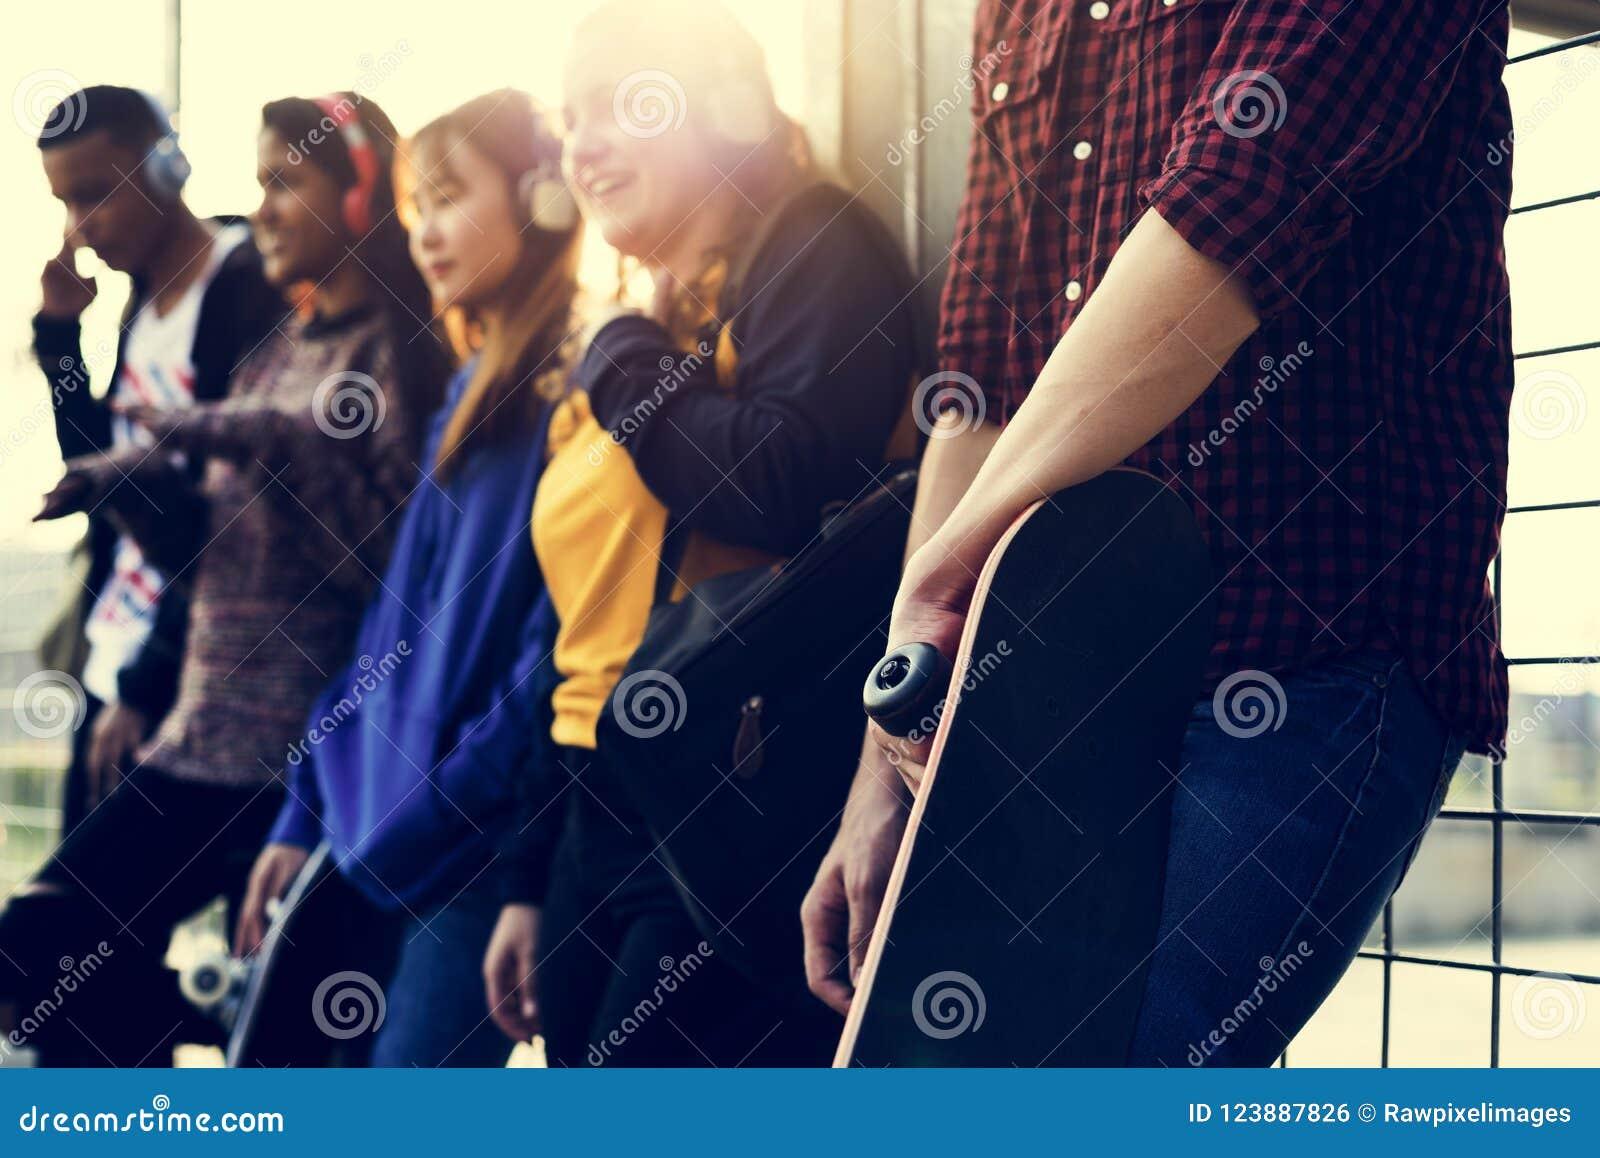 Grupo de amigos fora engodo do lazer do estilo de vida da escola e da música